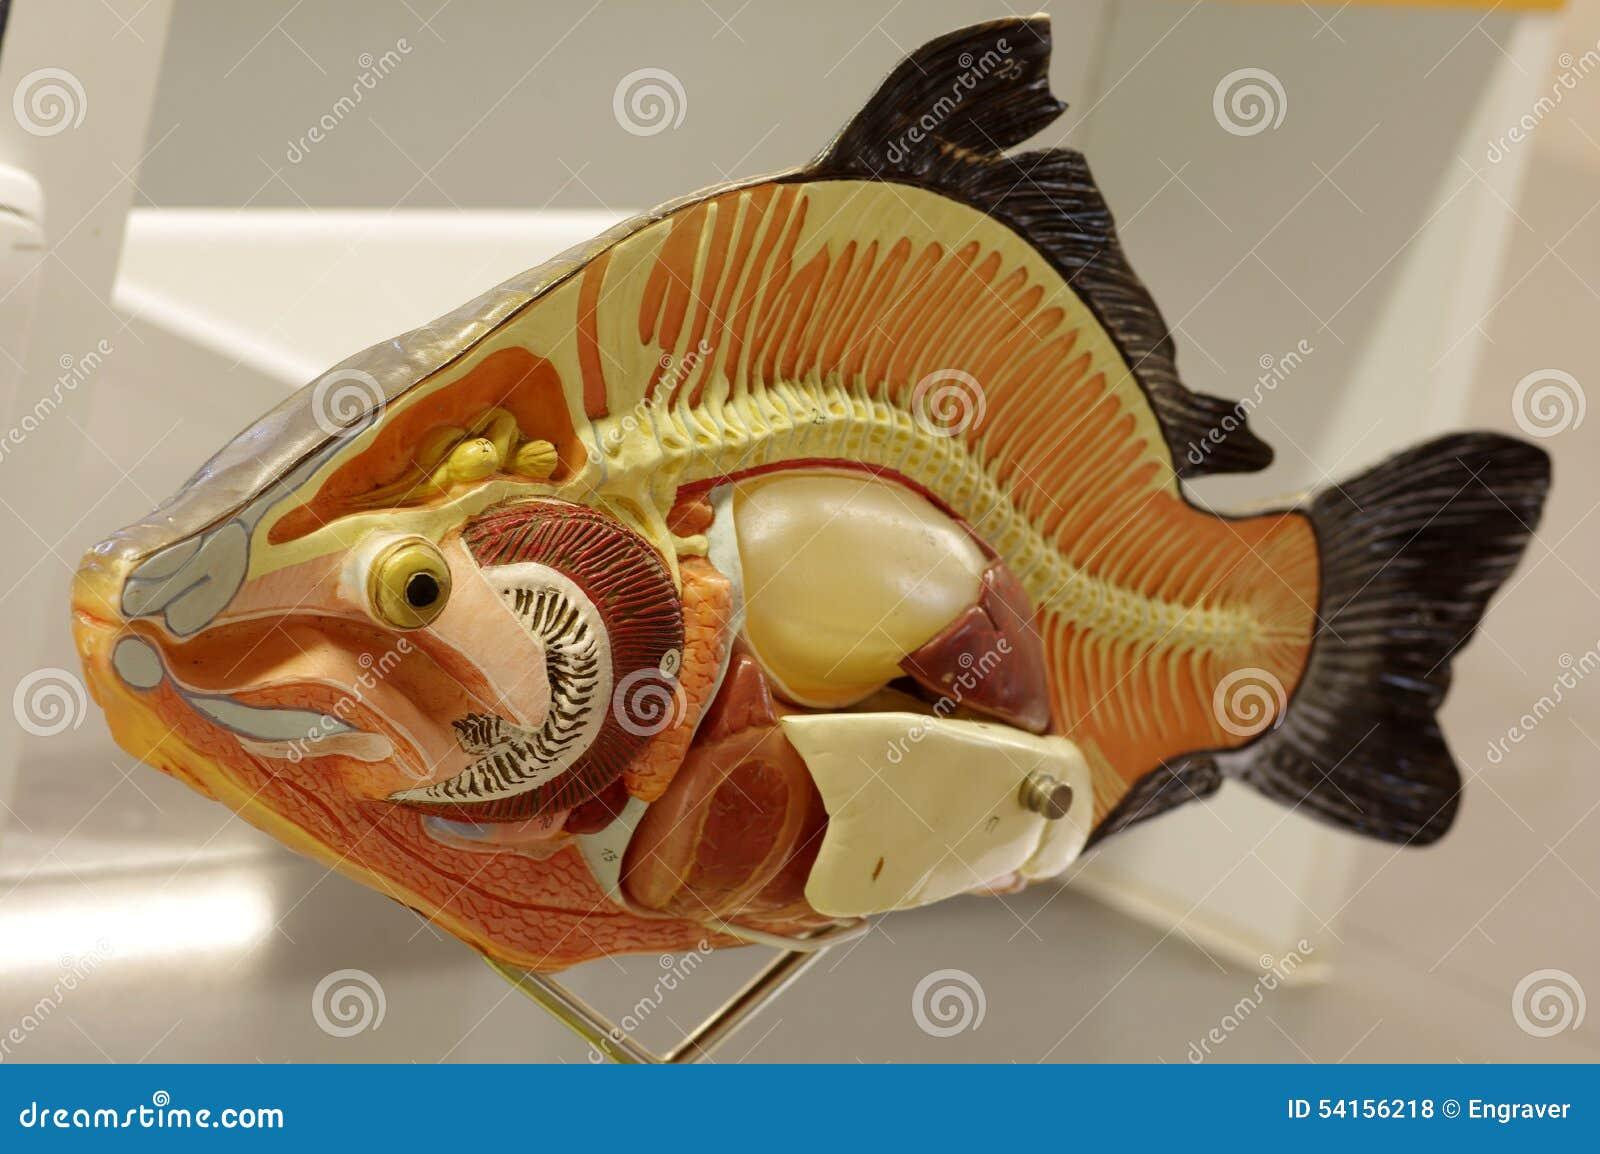 Anatomie eines Fisches vektor abbildung. Illustration von fische ...